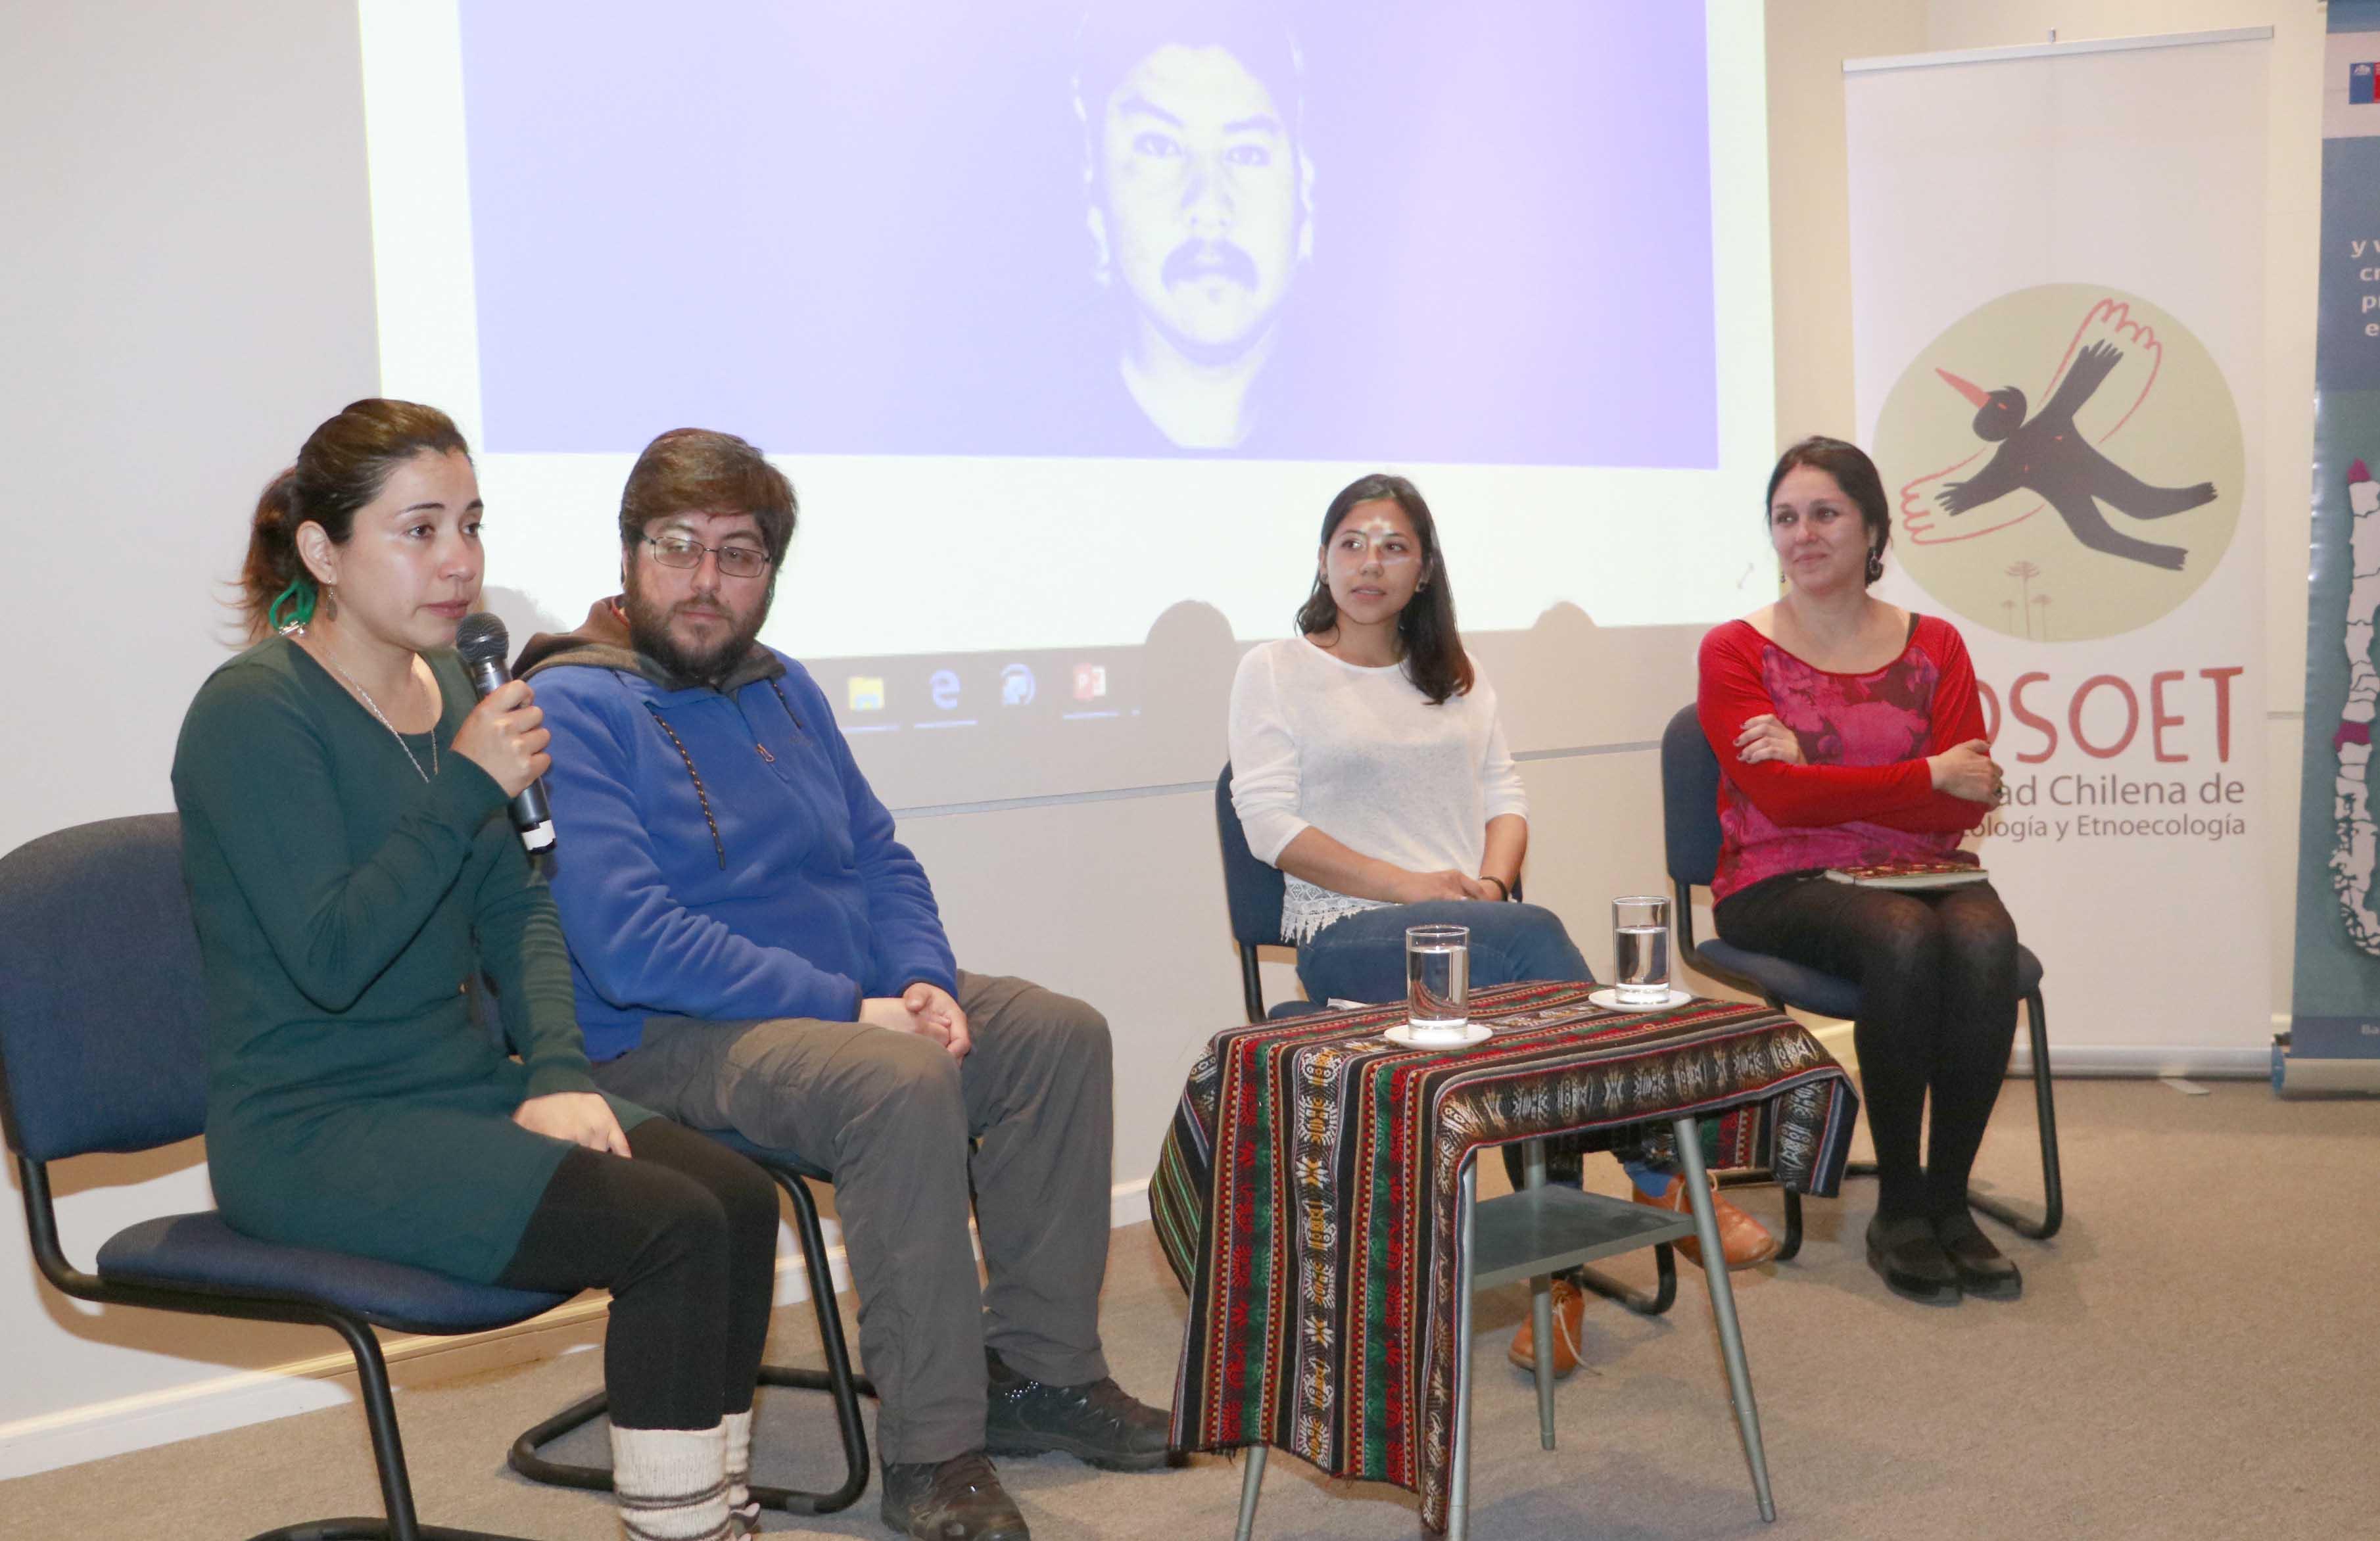 Coloquio reunió a distintas disciplinas para dialogar sobre conservación con enfoque social